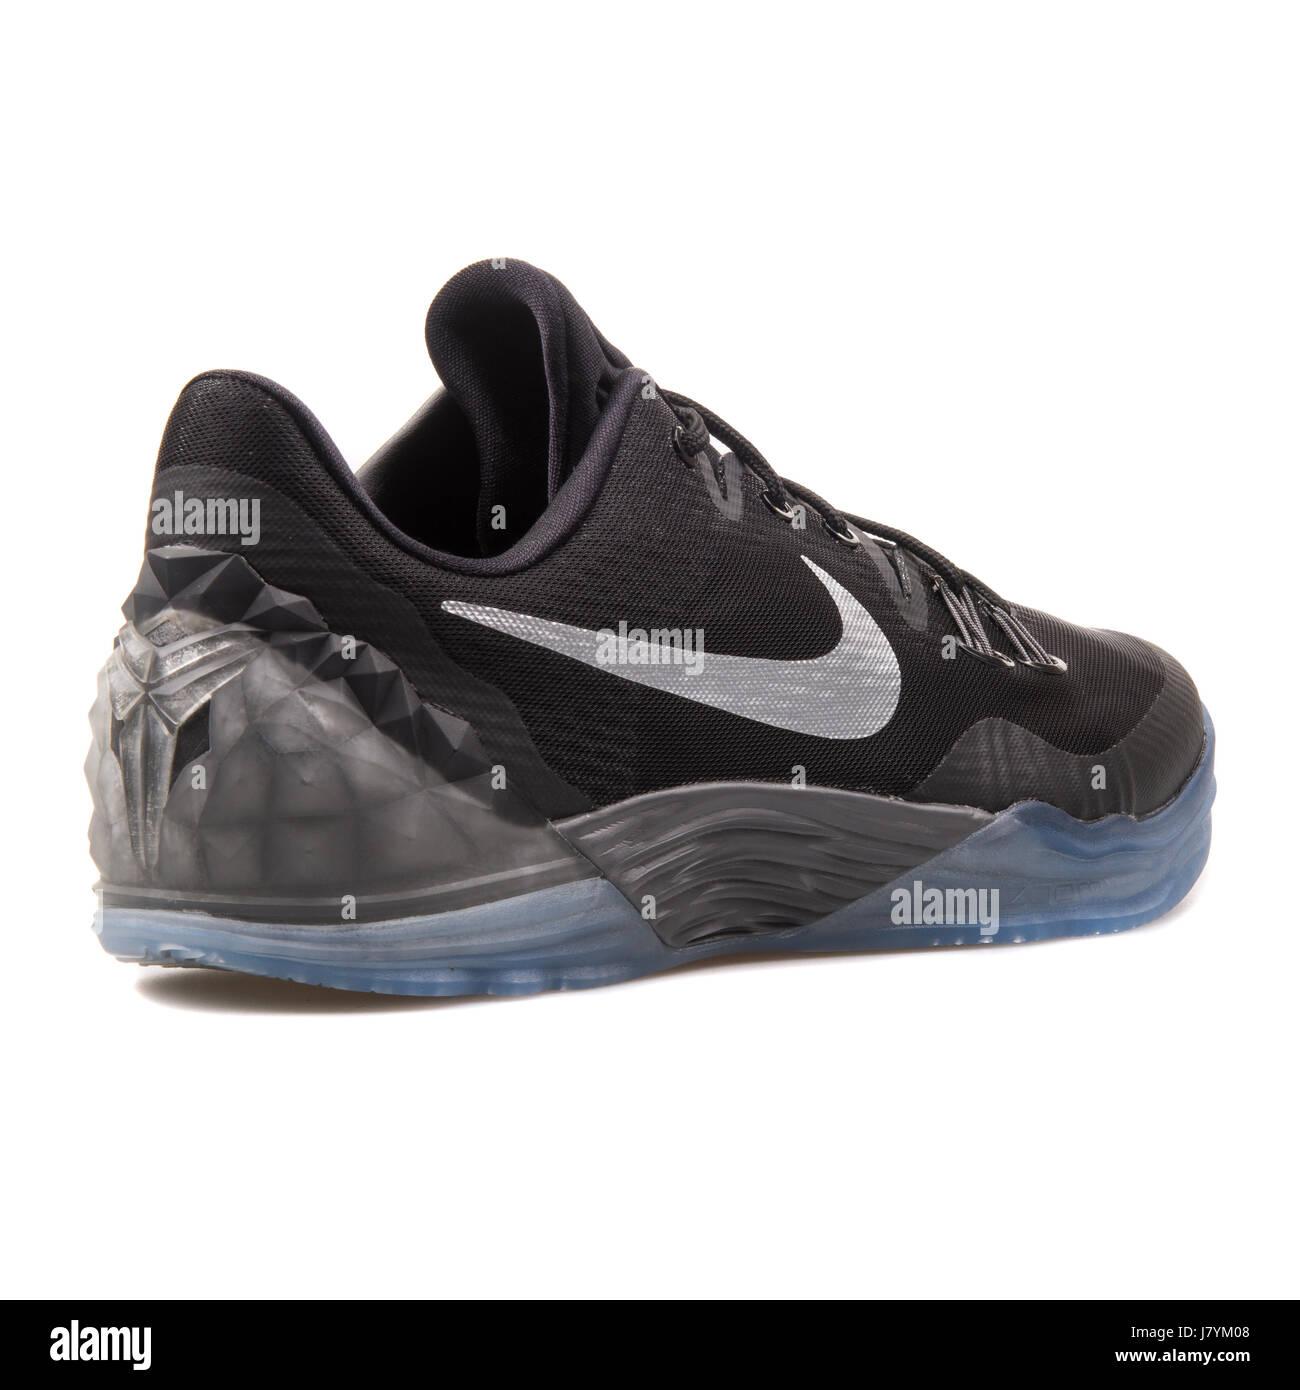 9df15e2fe897 Nike Zoom Kobe Venomenon 5 Black Men s Basketball Sneakers - 749884-001